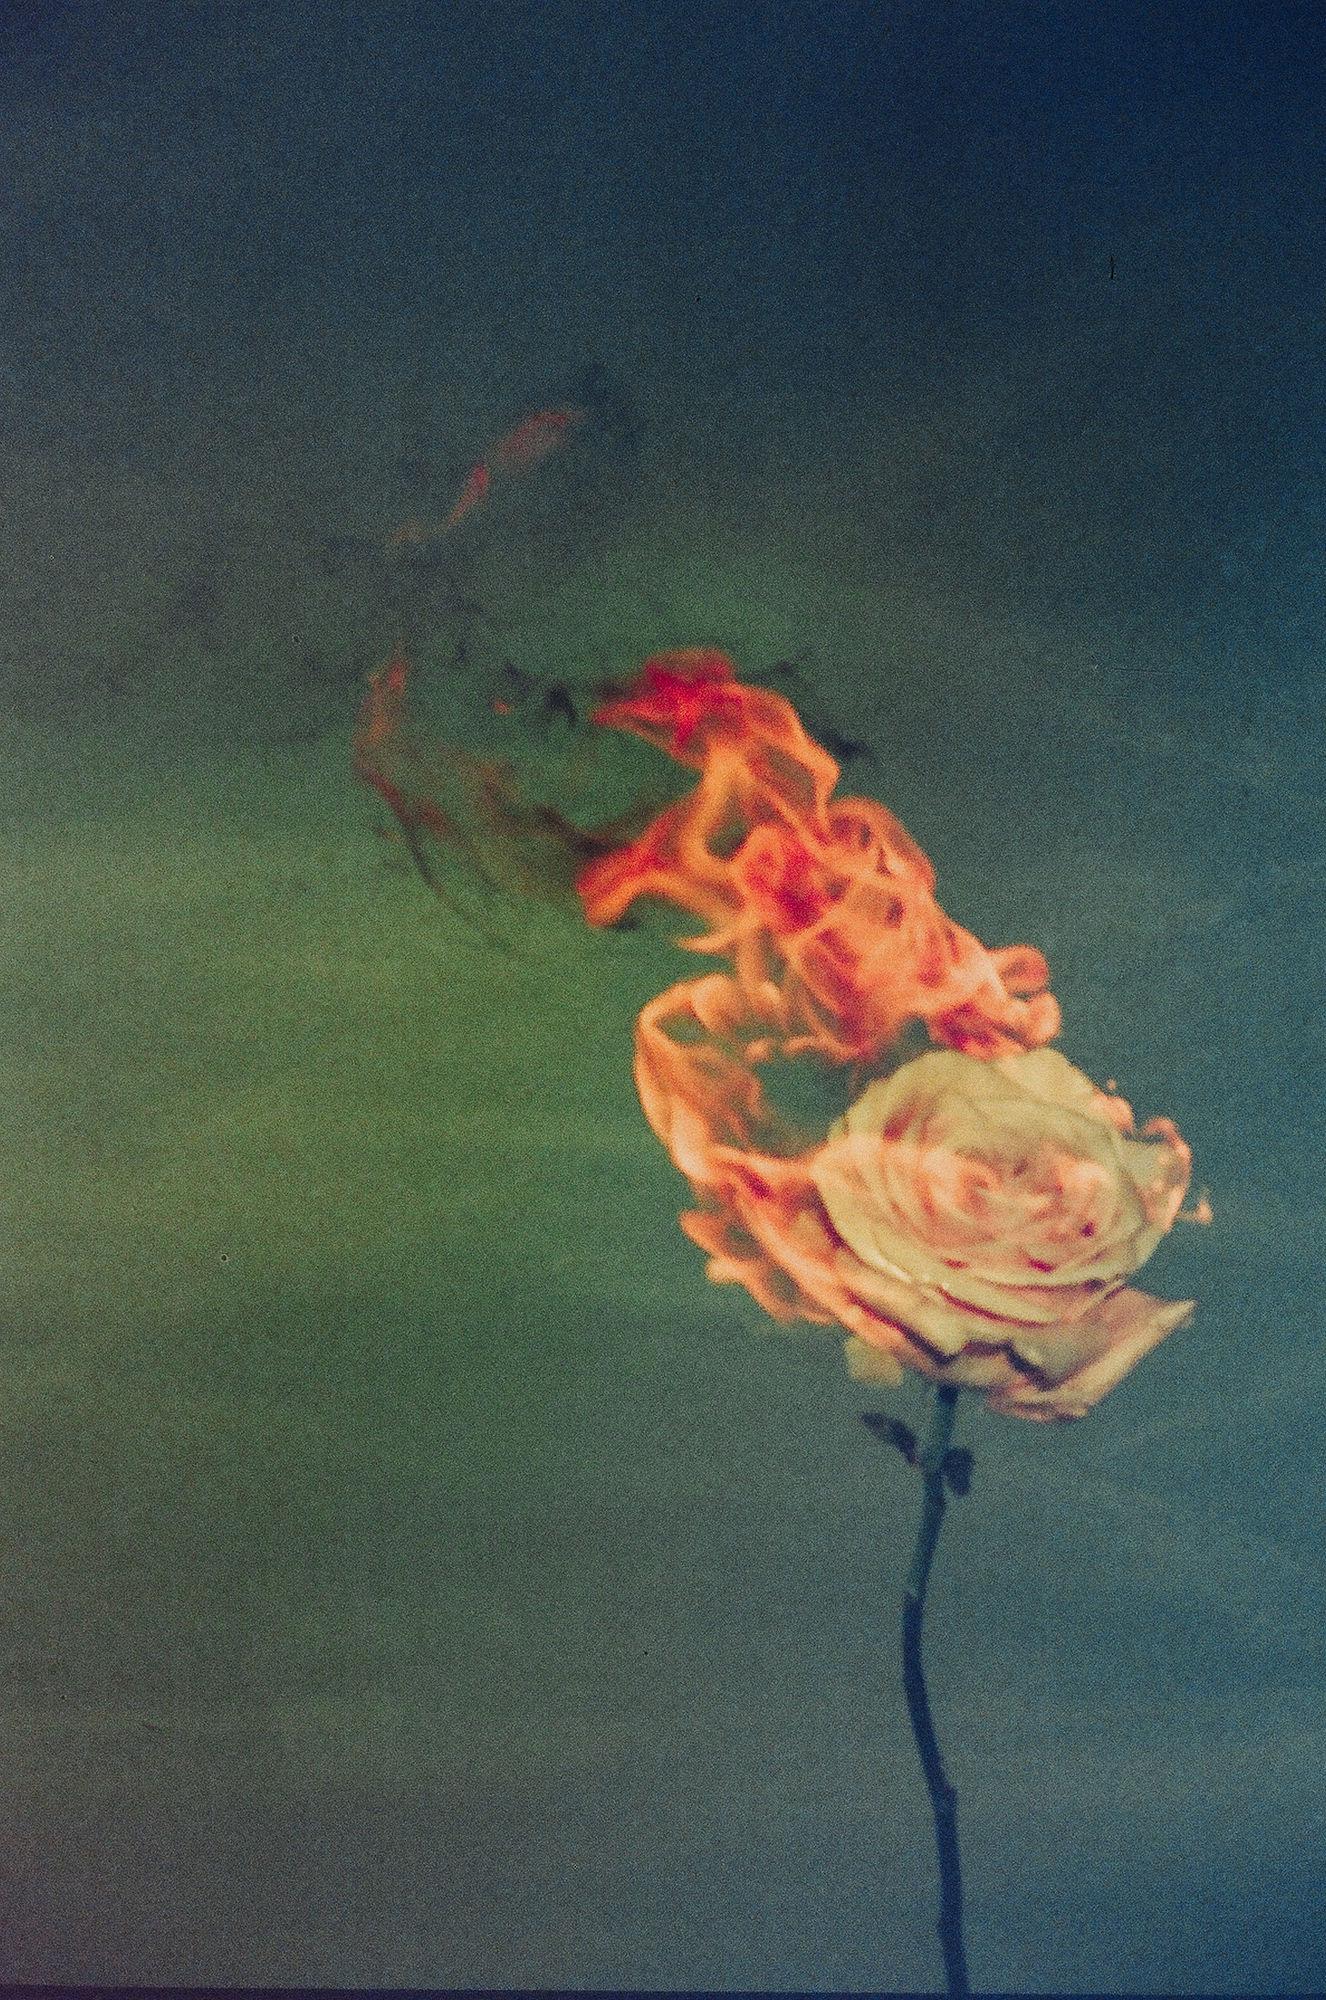 Kate Bellm 'Amor' (HATJE CANTZ)